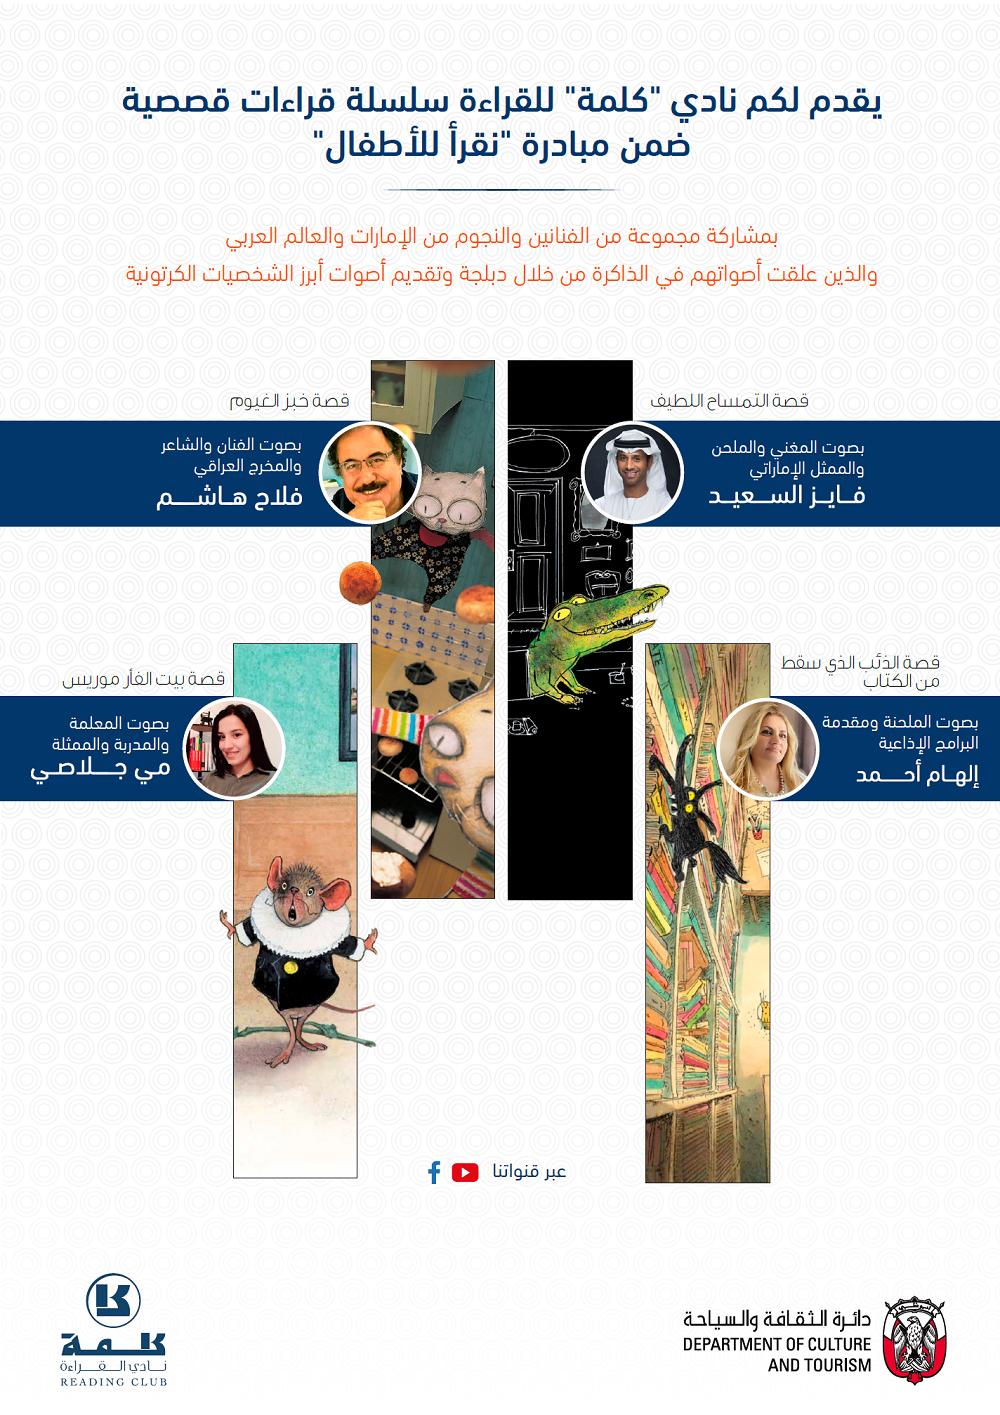 دائرة الثقافة والسياحة – أبوظبي تطلق سلسلة قراءات قصصية للأطفال بأصوات فنانين إماراتيين وعرب